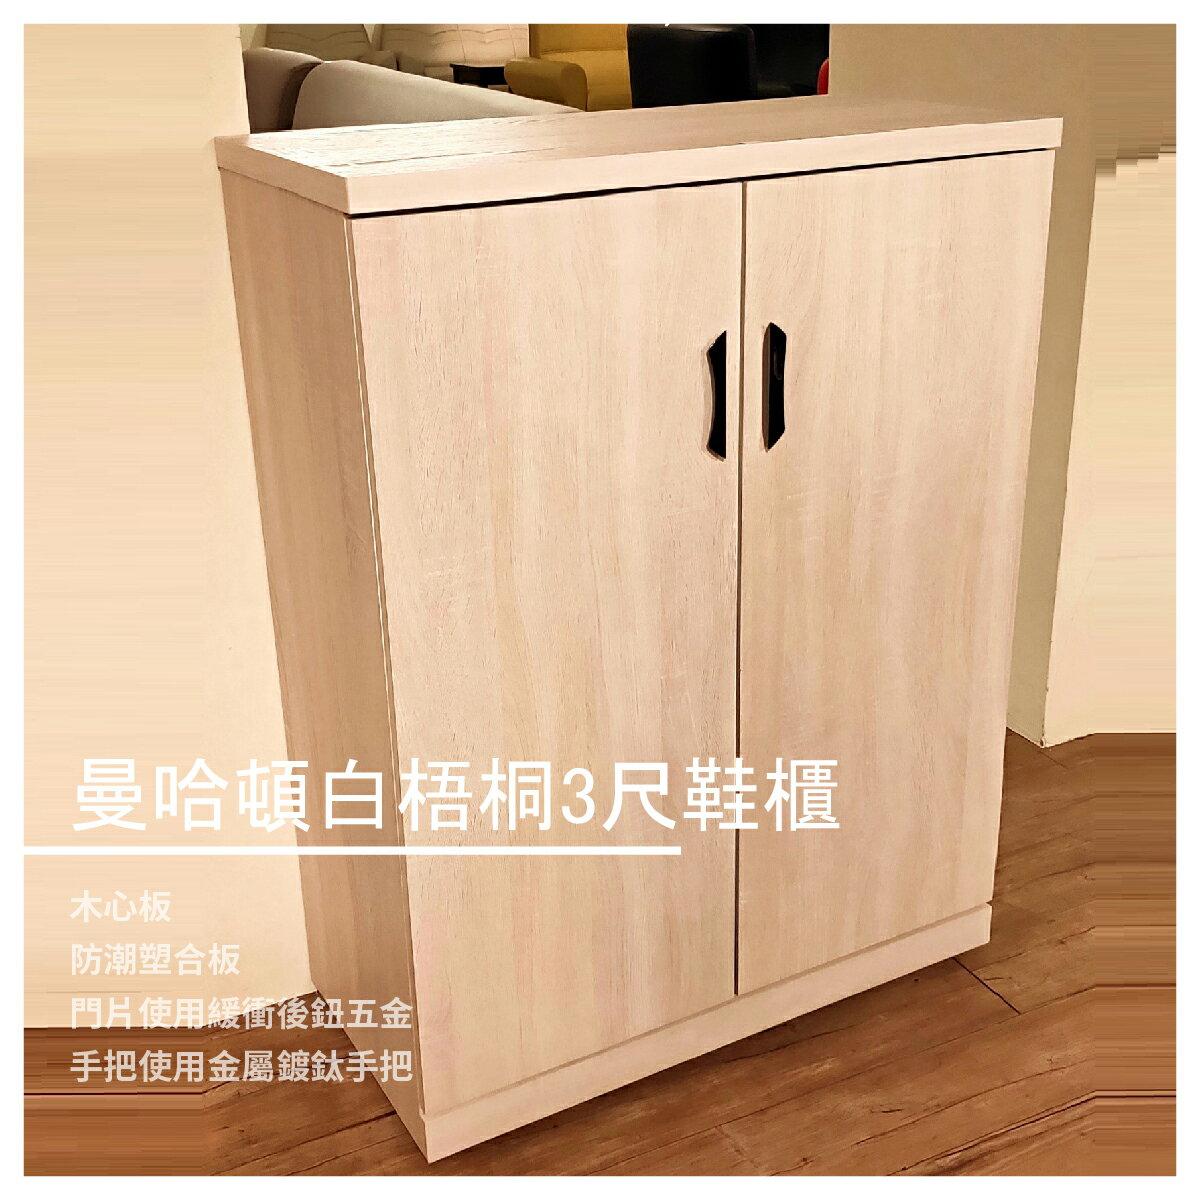 【長榮家具】曼哈頓白梧桐3尺鞋櫃